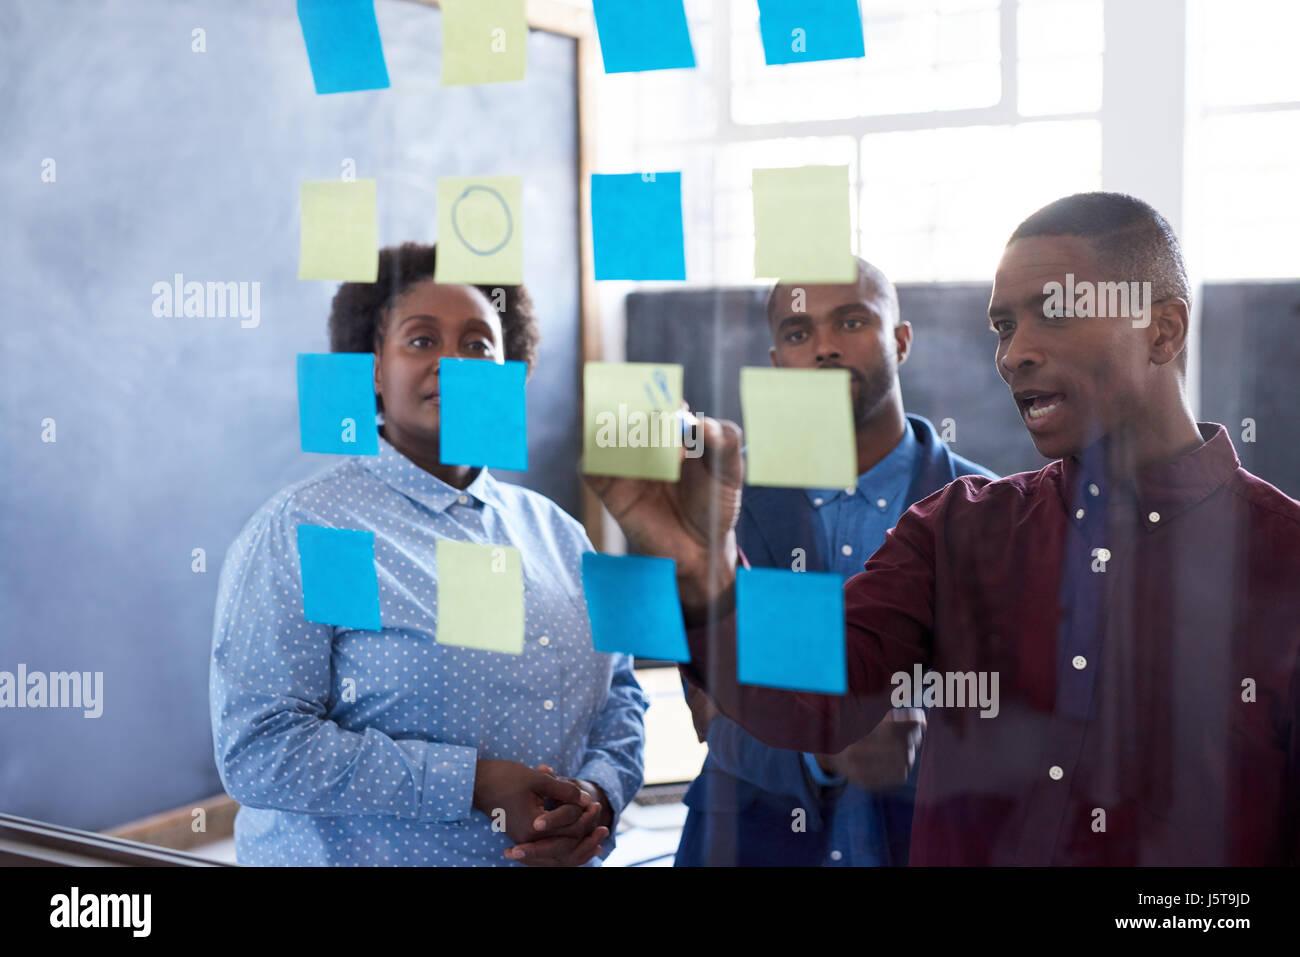 Afrikanische Unternehmer brainstorming mit Haftnotizen auf eine Glaswand Stockbild